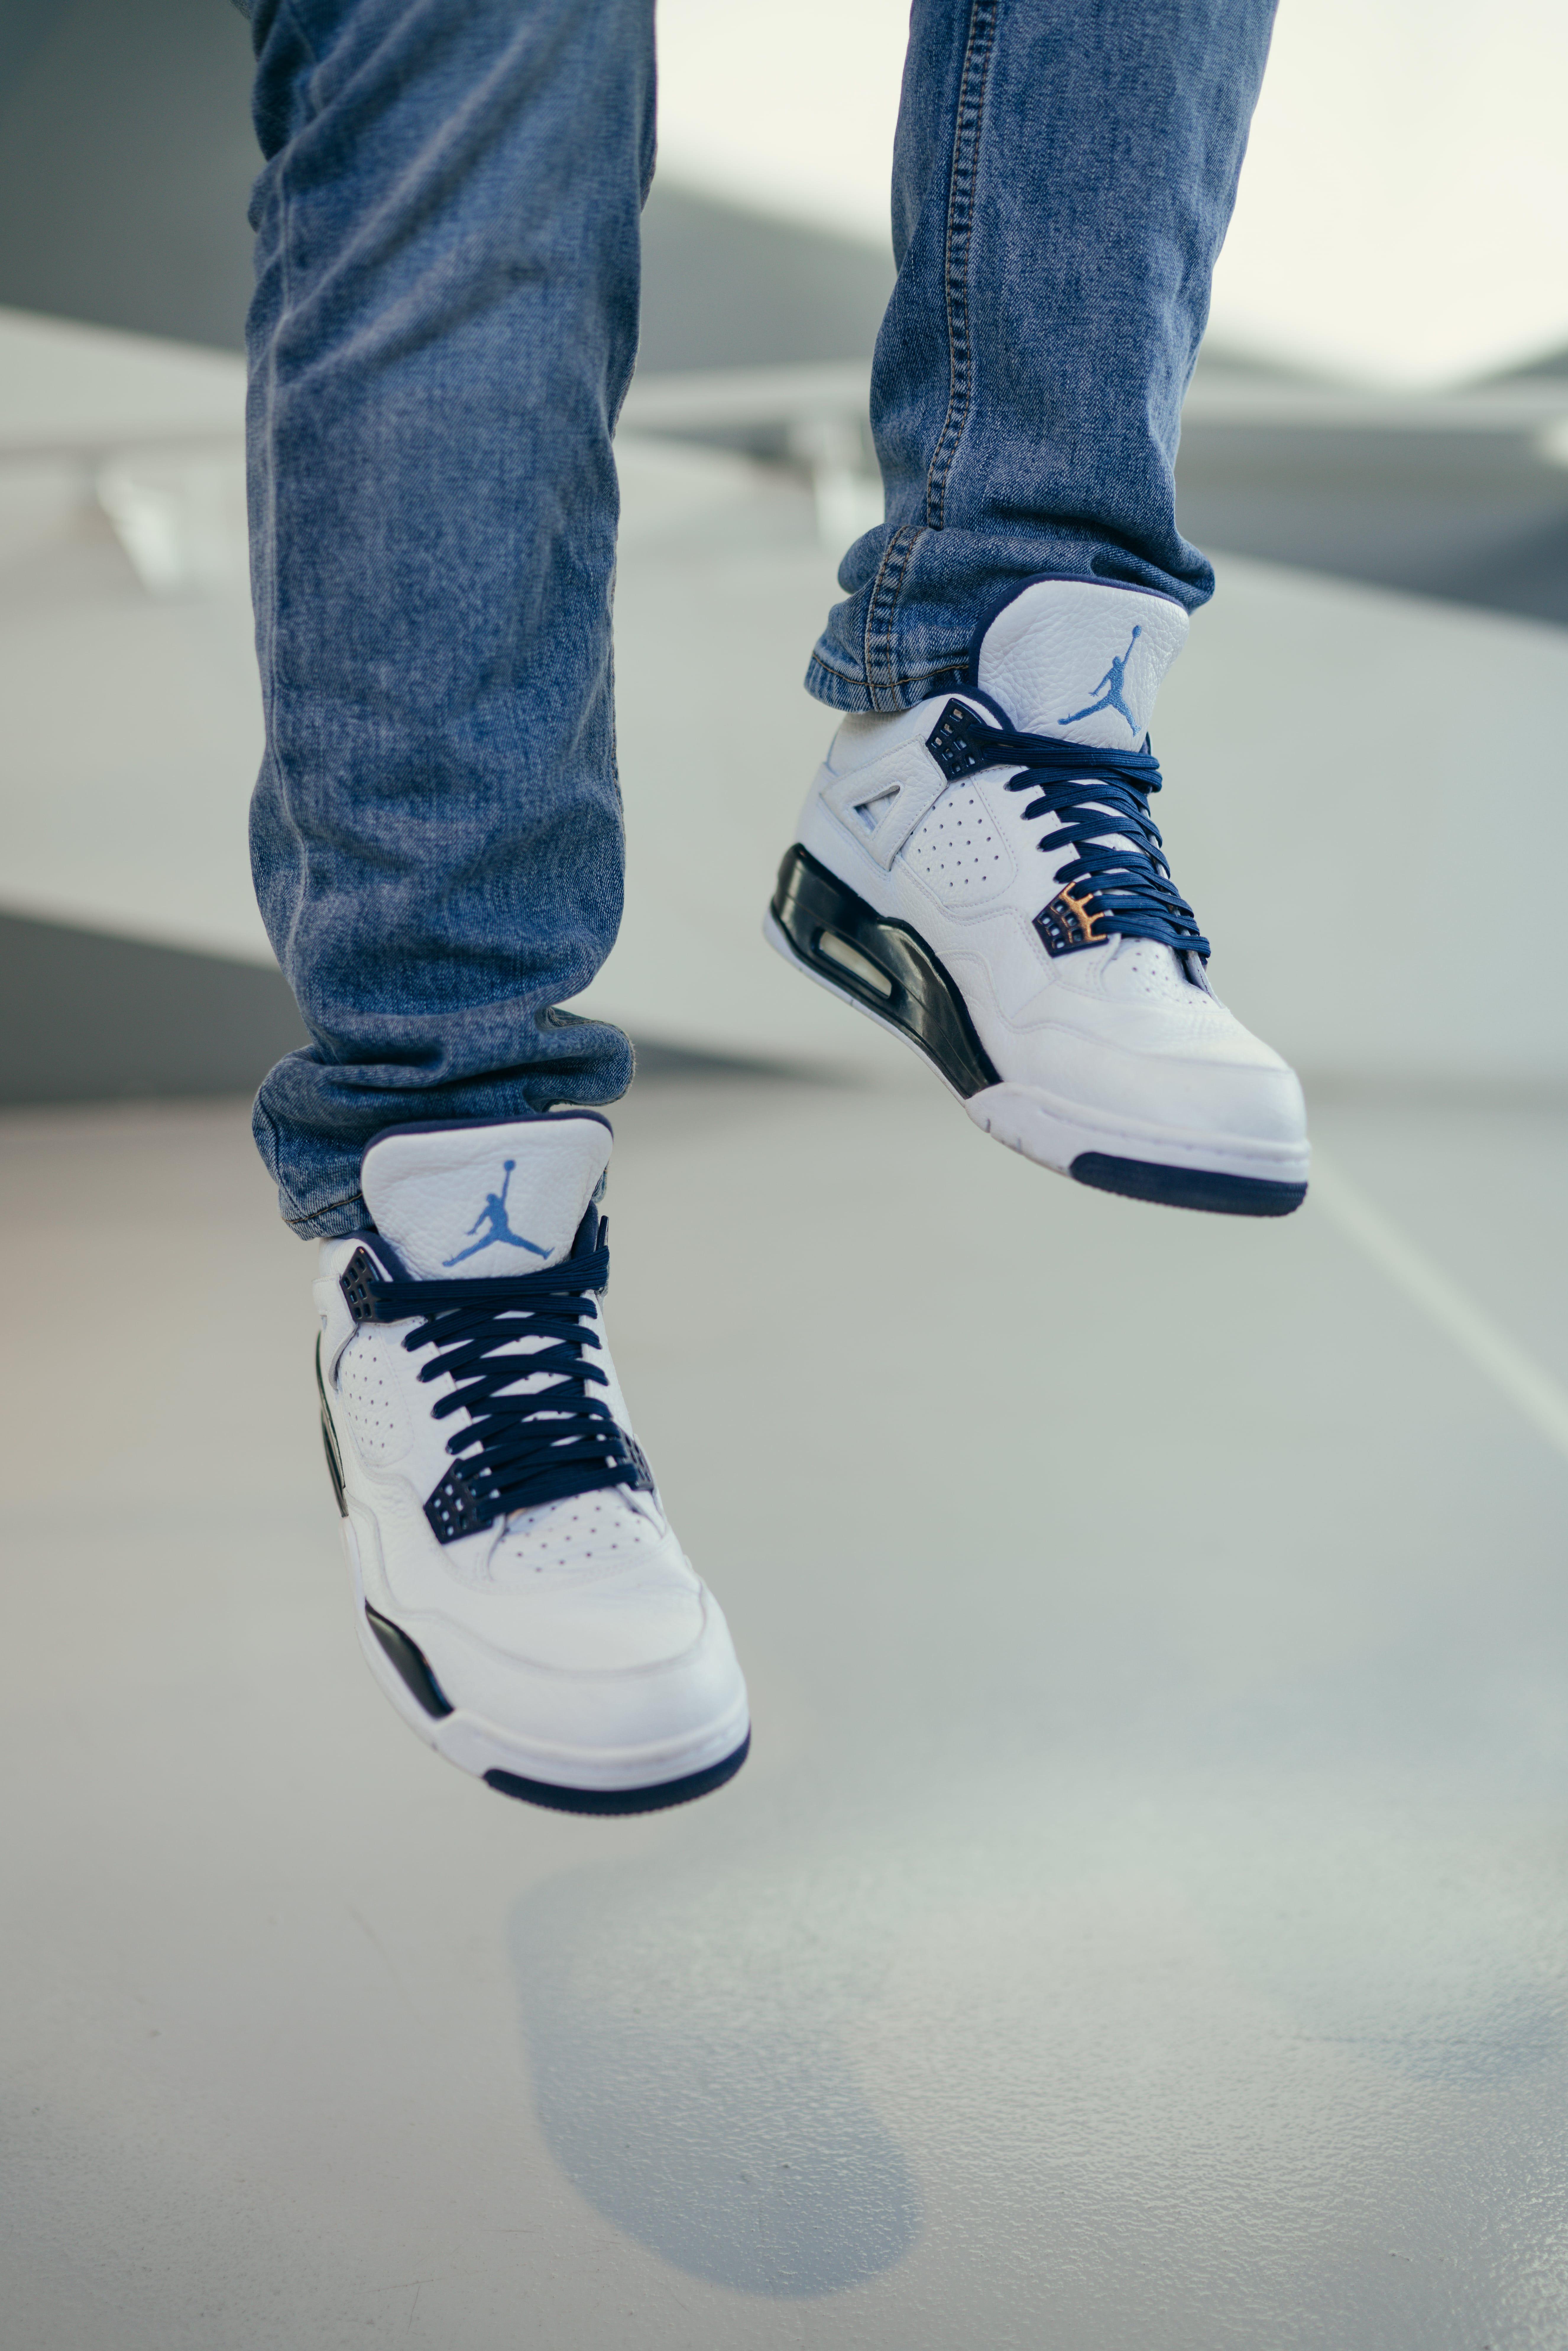 Elastic shoe laces, Blue shoelaces